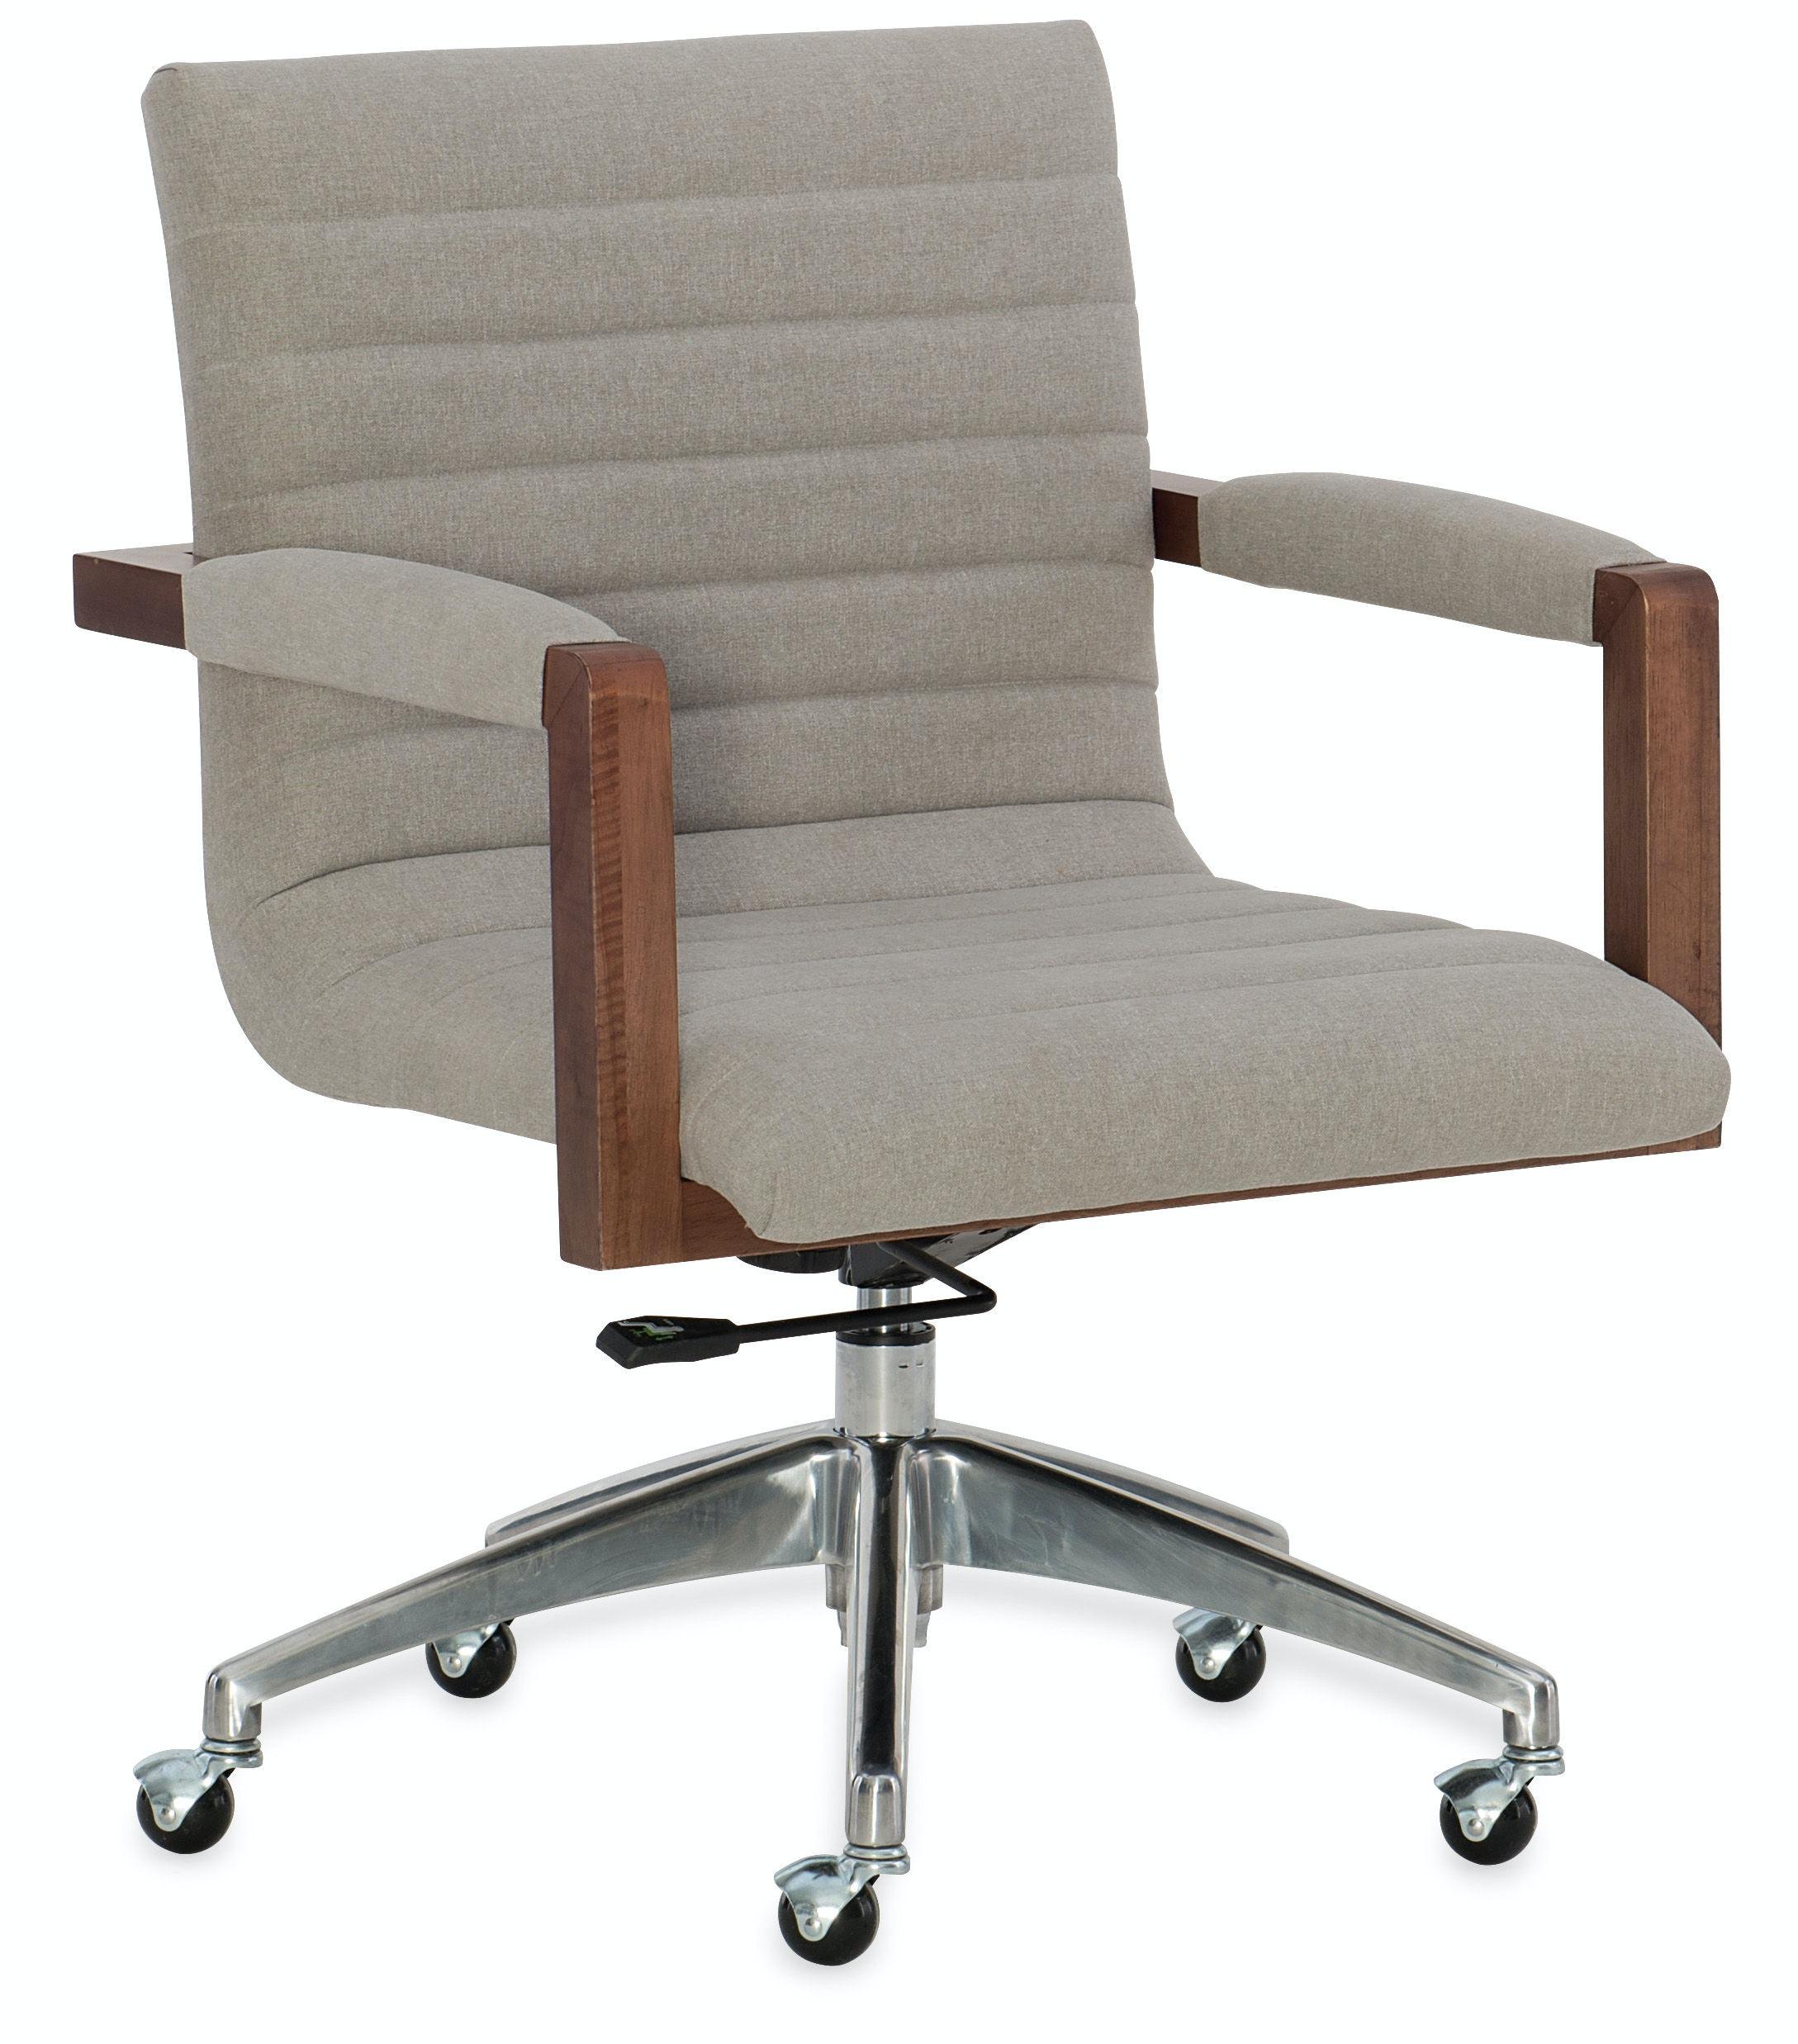 Hooker Furniture Elon Swivel Desk Chair 1650 30220 MWD